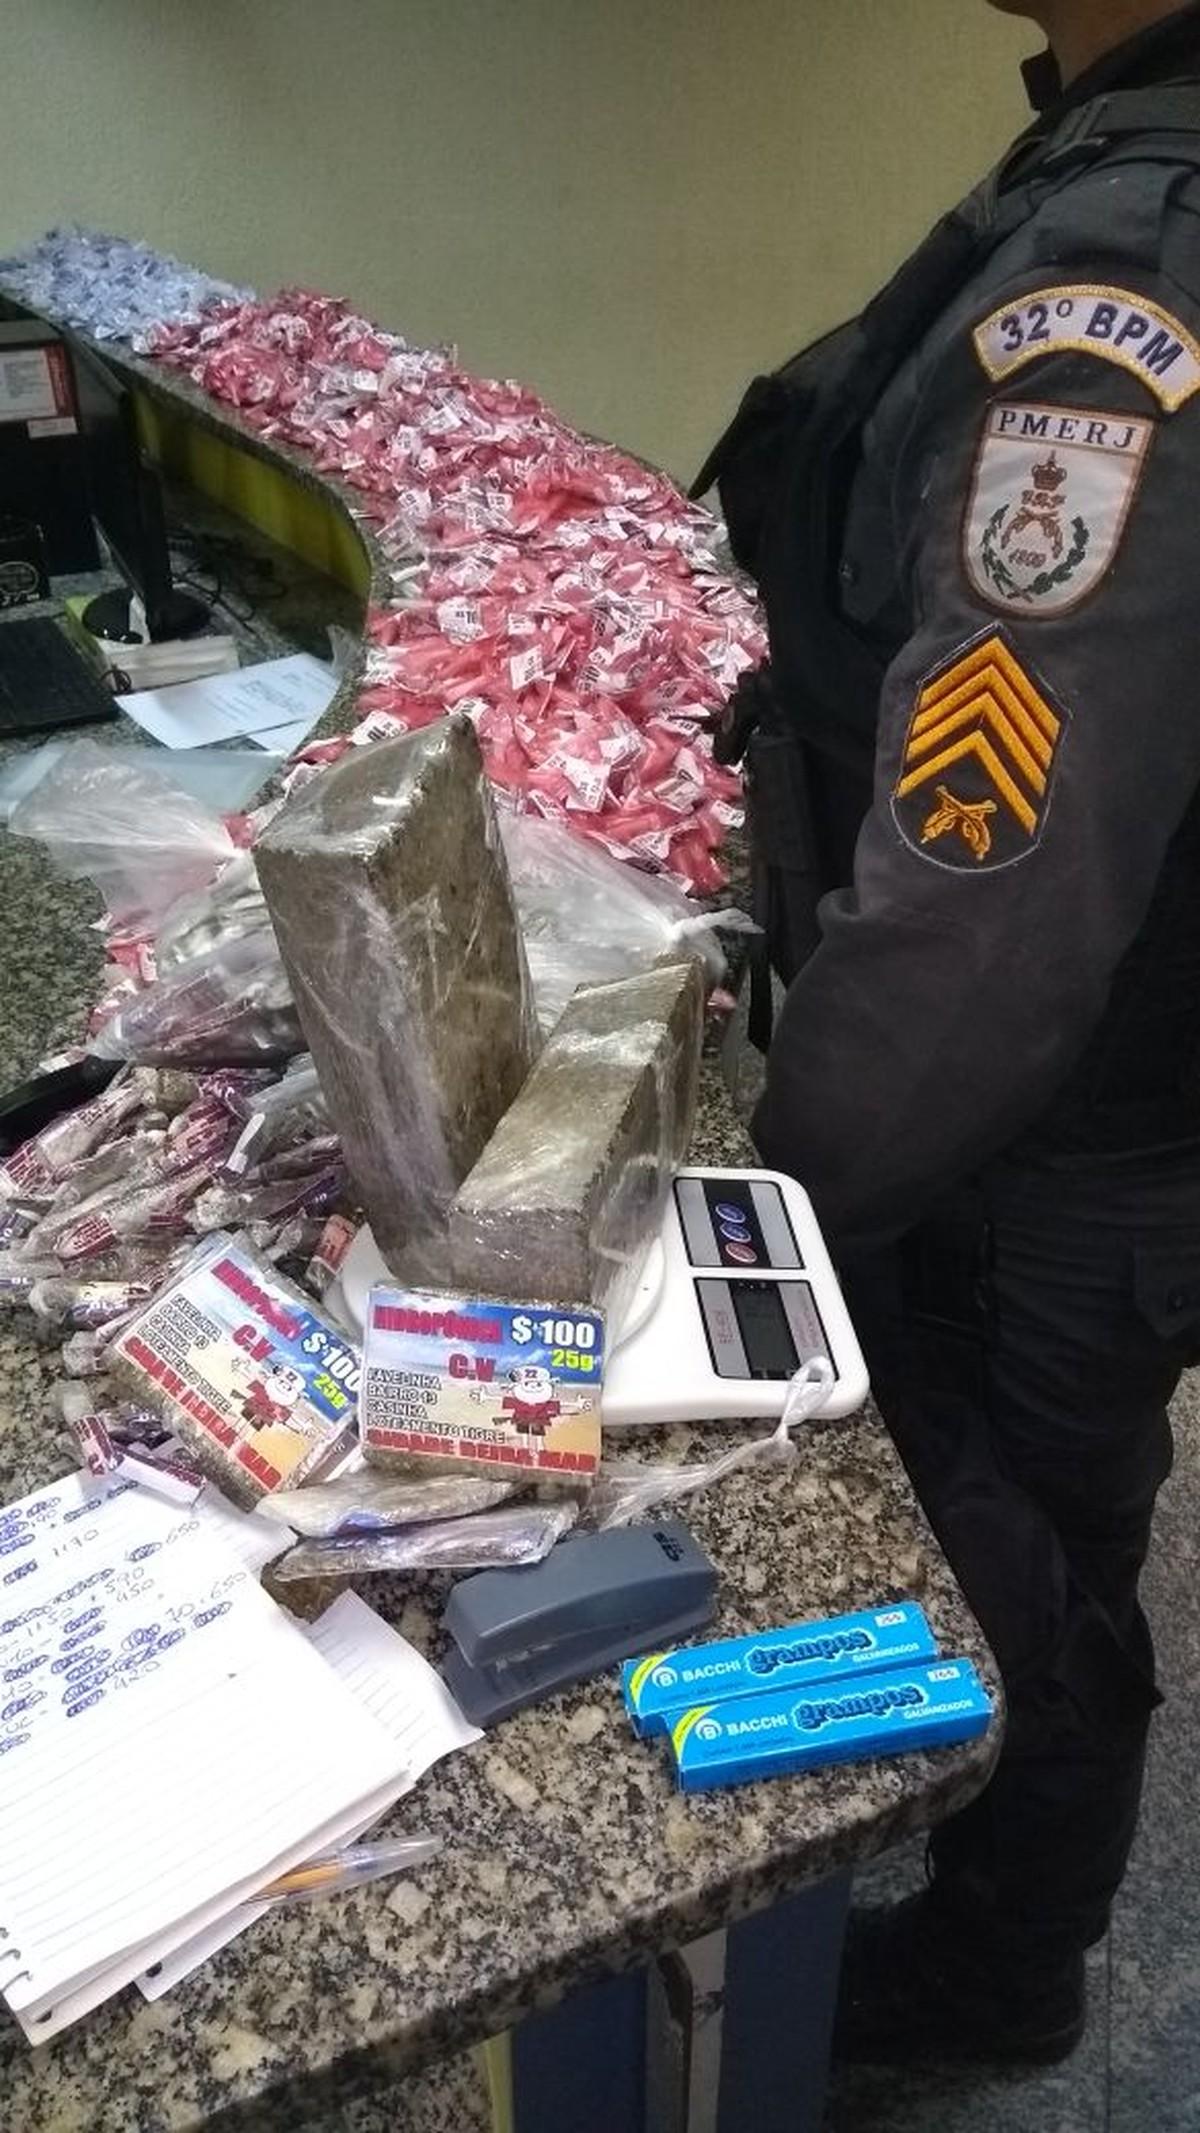 Polícia detém uma pessoa e apreende mais de 4 kg de cocaína e quase 4 kg de maconha em Rio das Ostras, no RJ